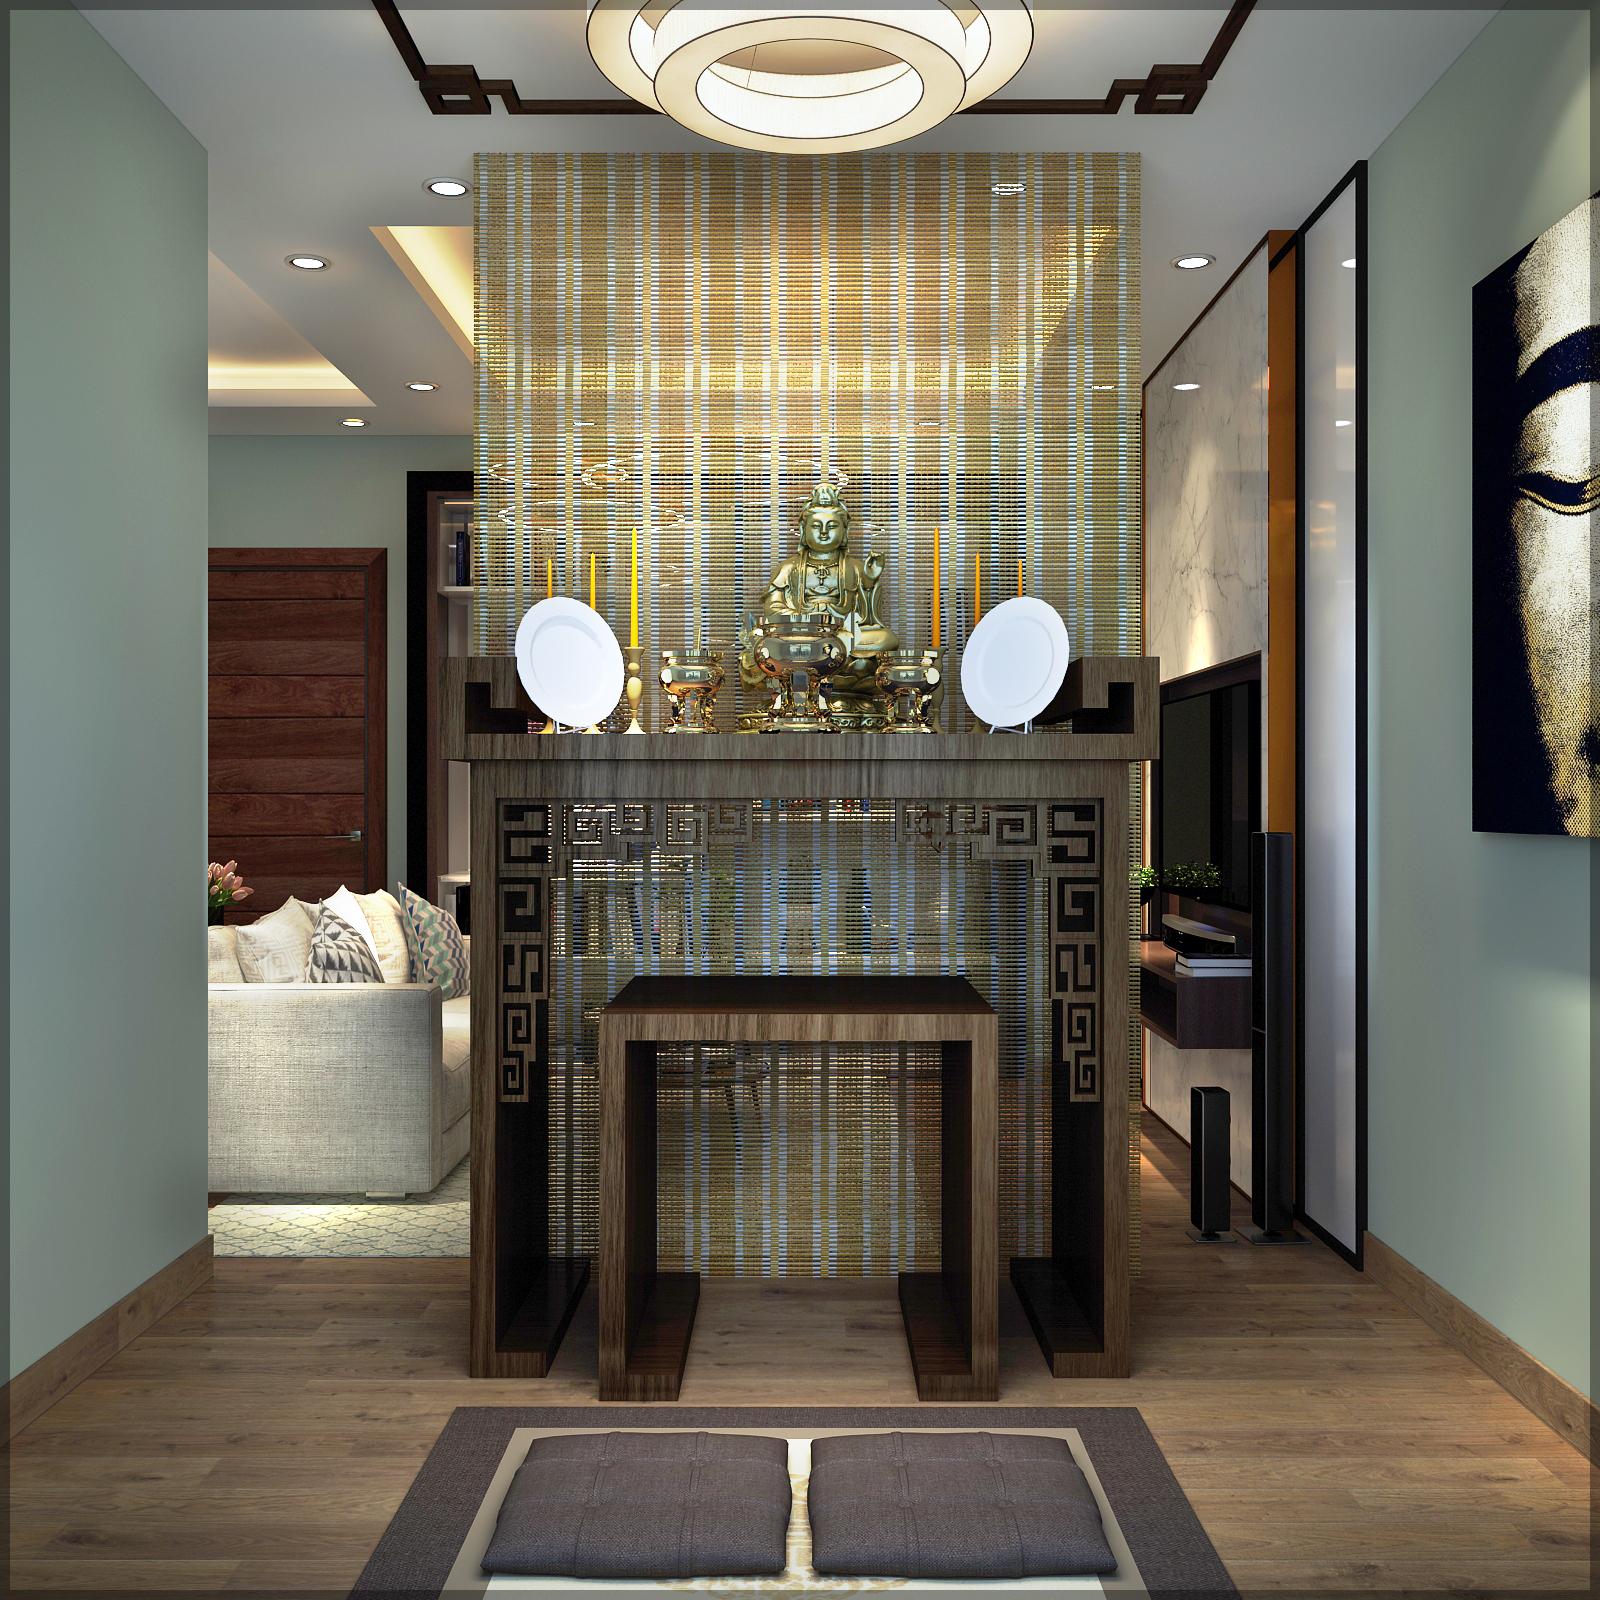 thiết kế nội thất Biệt Thự tại Hồ Chí Minh Mr Cường 15 1534911197